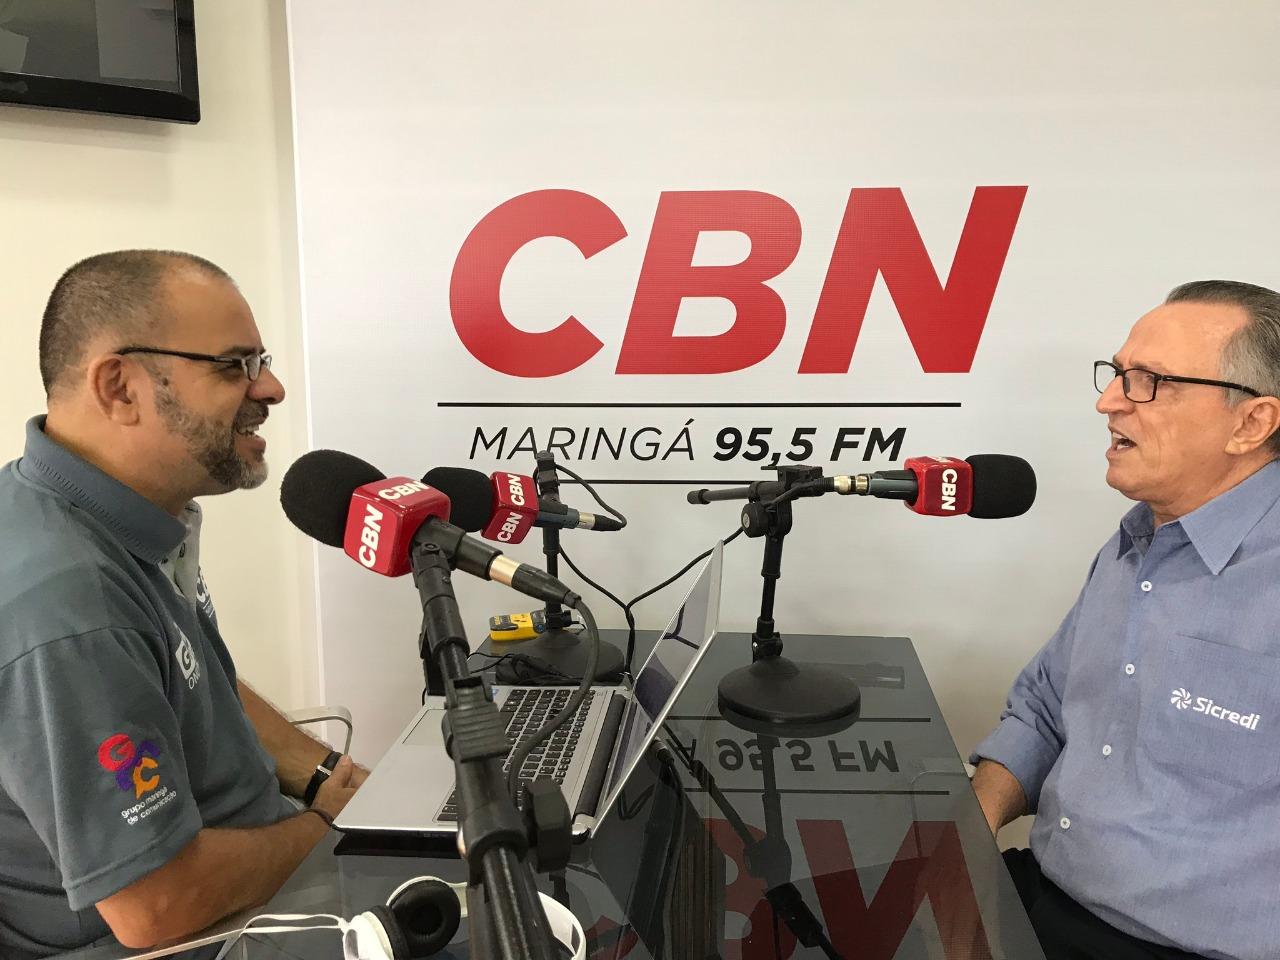 Apresentador da CBN em Maringá Gilson Aguiar entrevista Wellington Ferreira, do Sicredi União. Foto: CBN Maringá